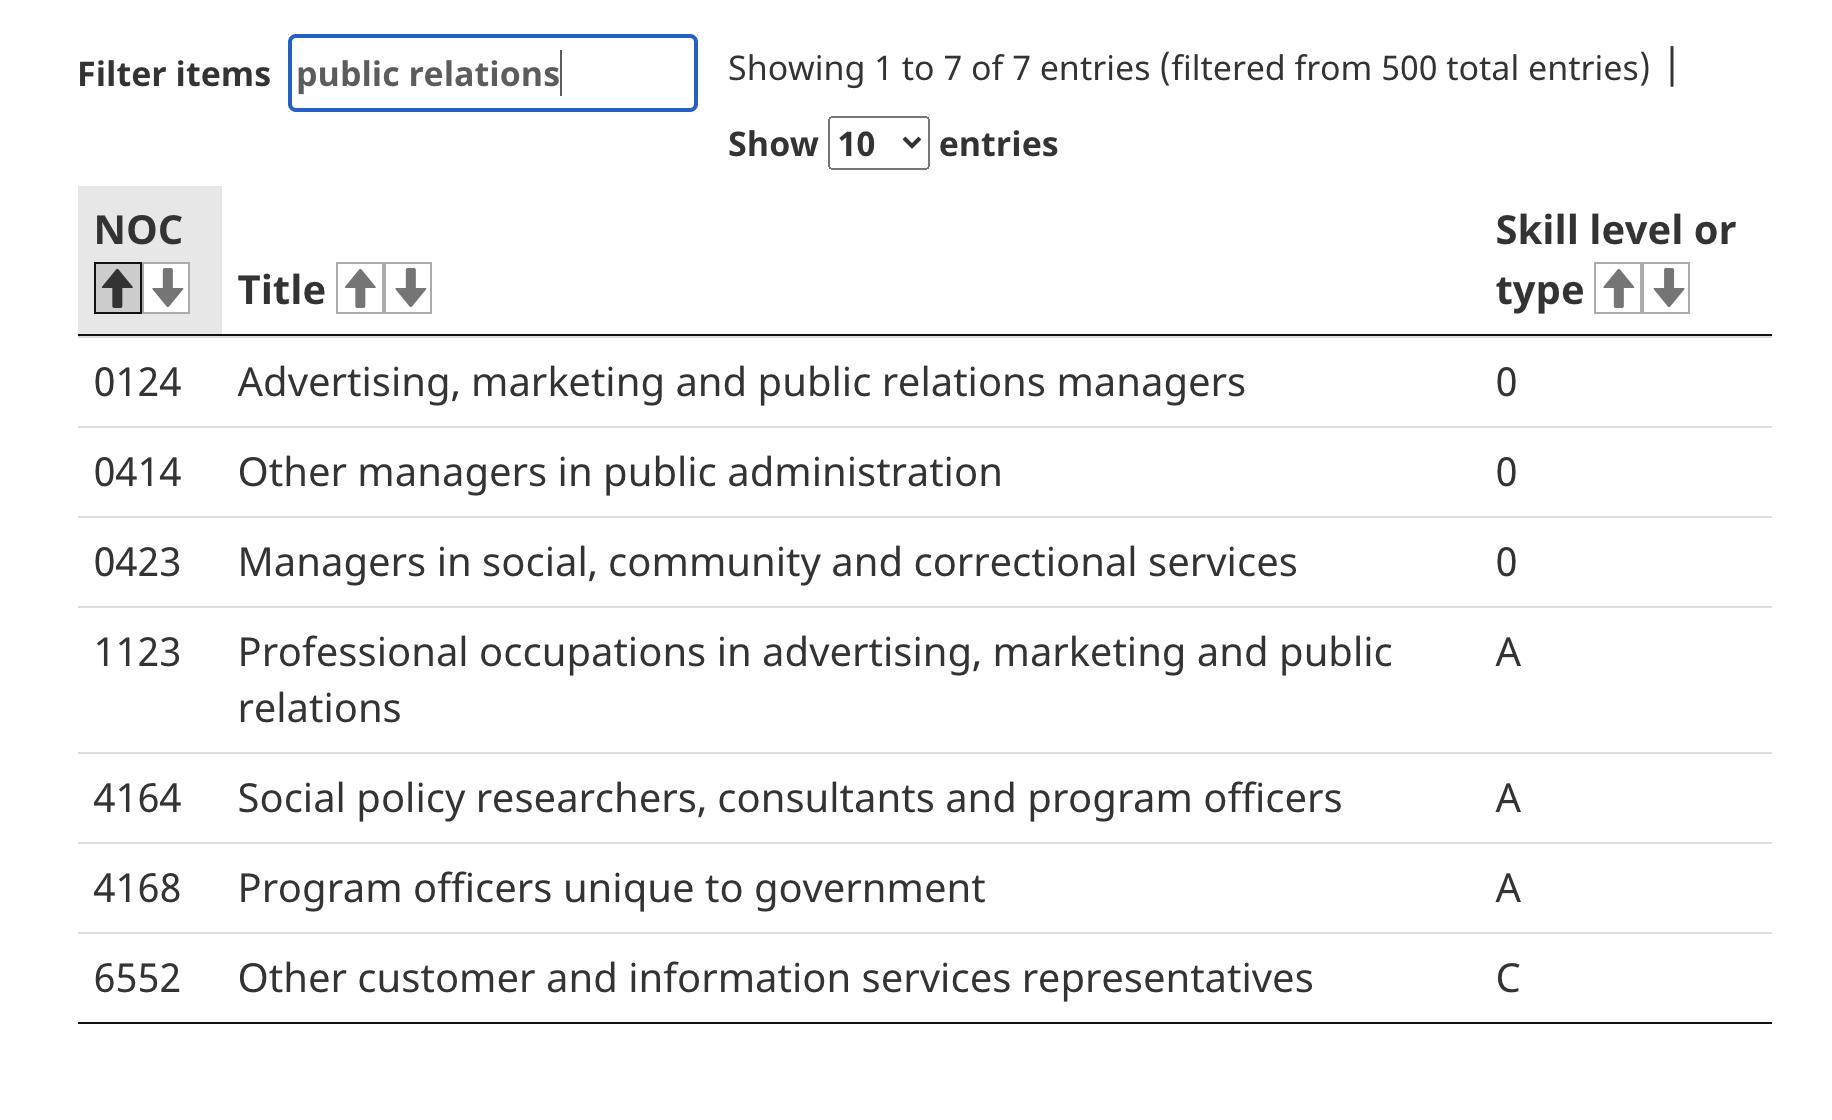 Специалисты по связям с общественностью могут участвовать в программе Express Entry, эта специальность относится к Skill Type 0